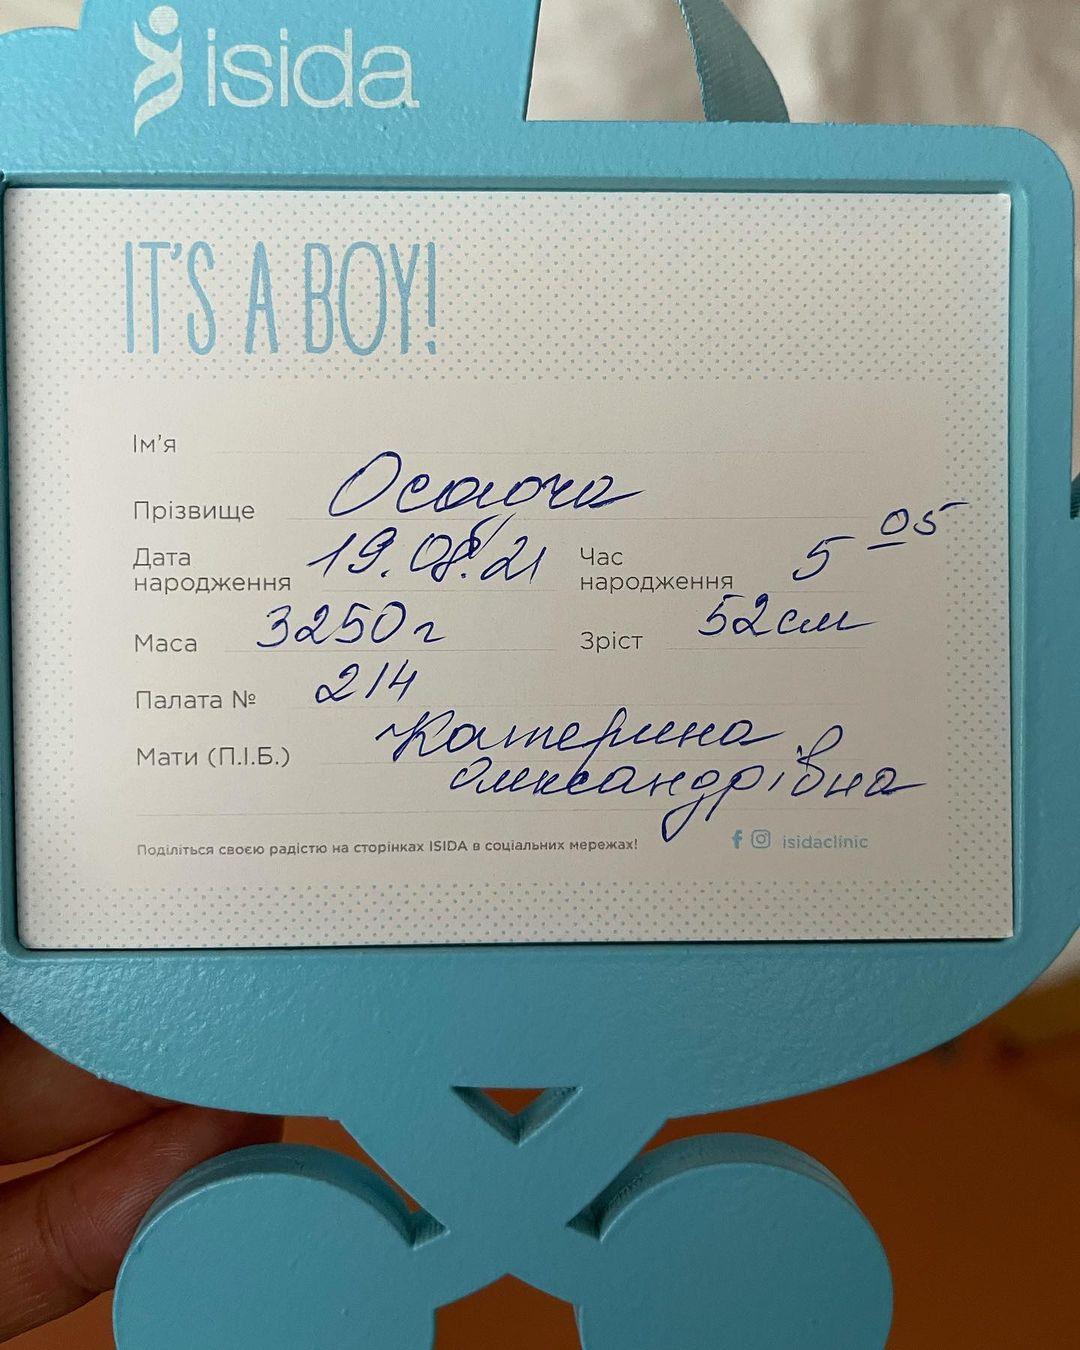 It's a boy! Катя Осадчая и Юрий Горбунов во второй раз стали родителями